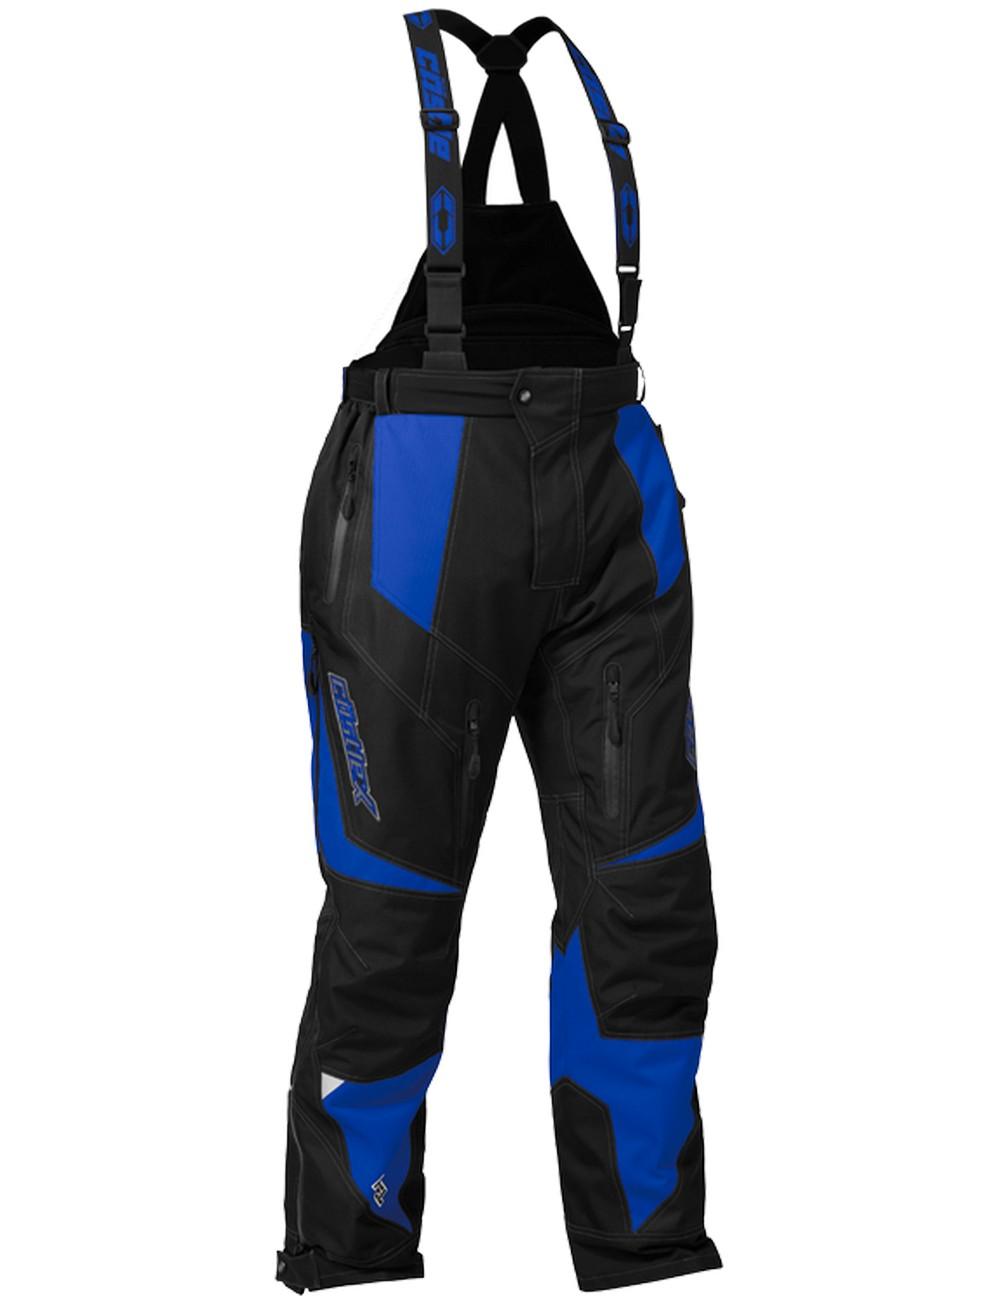 Castle X Racewear Fuel G6 Mens Snowmobile Bibs Blue by